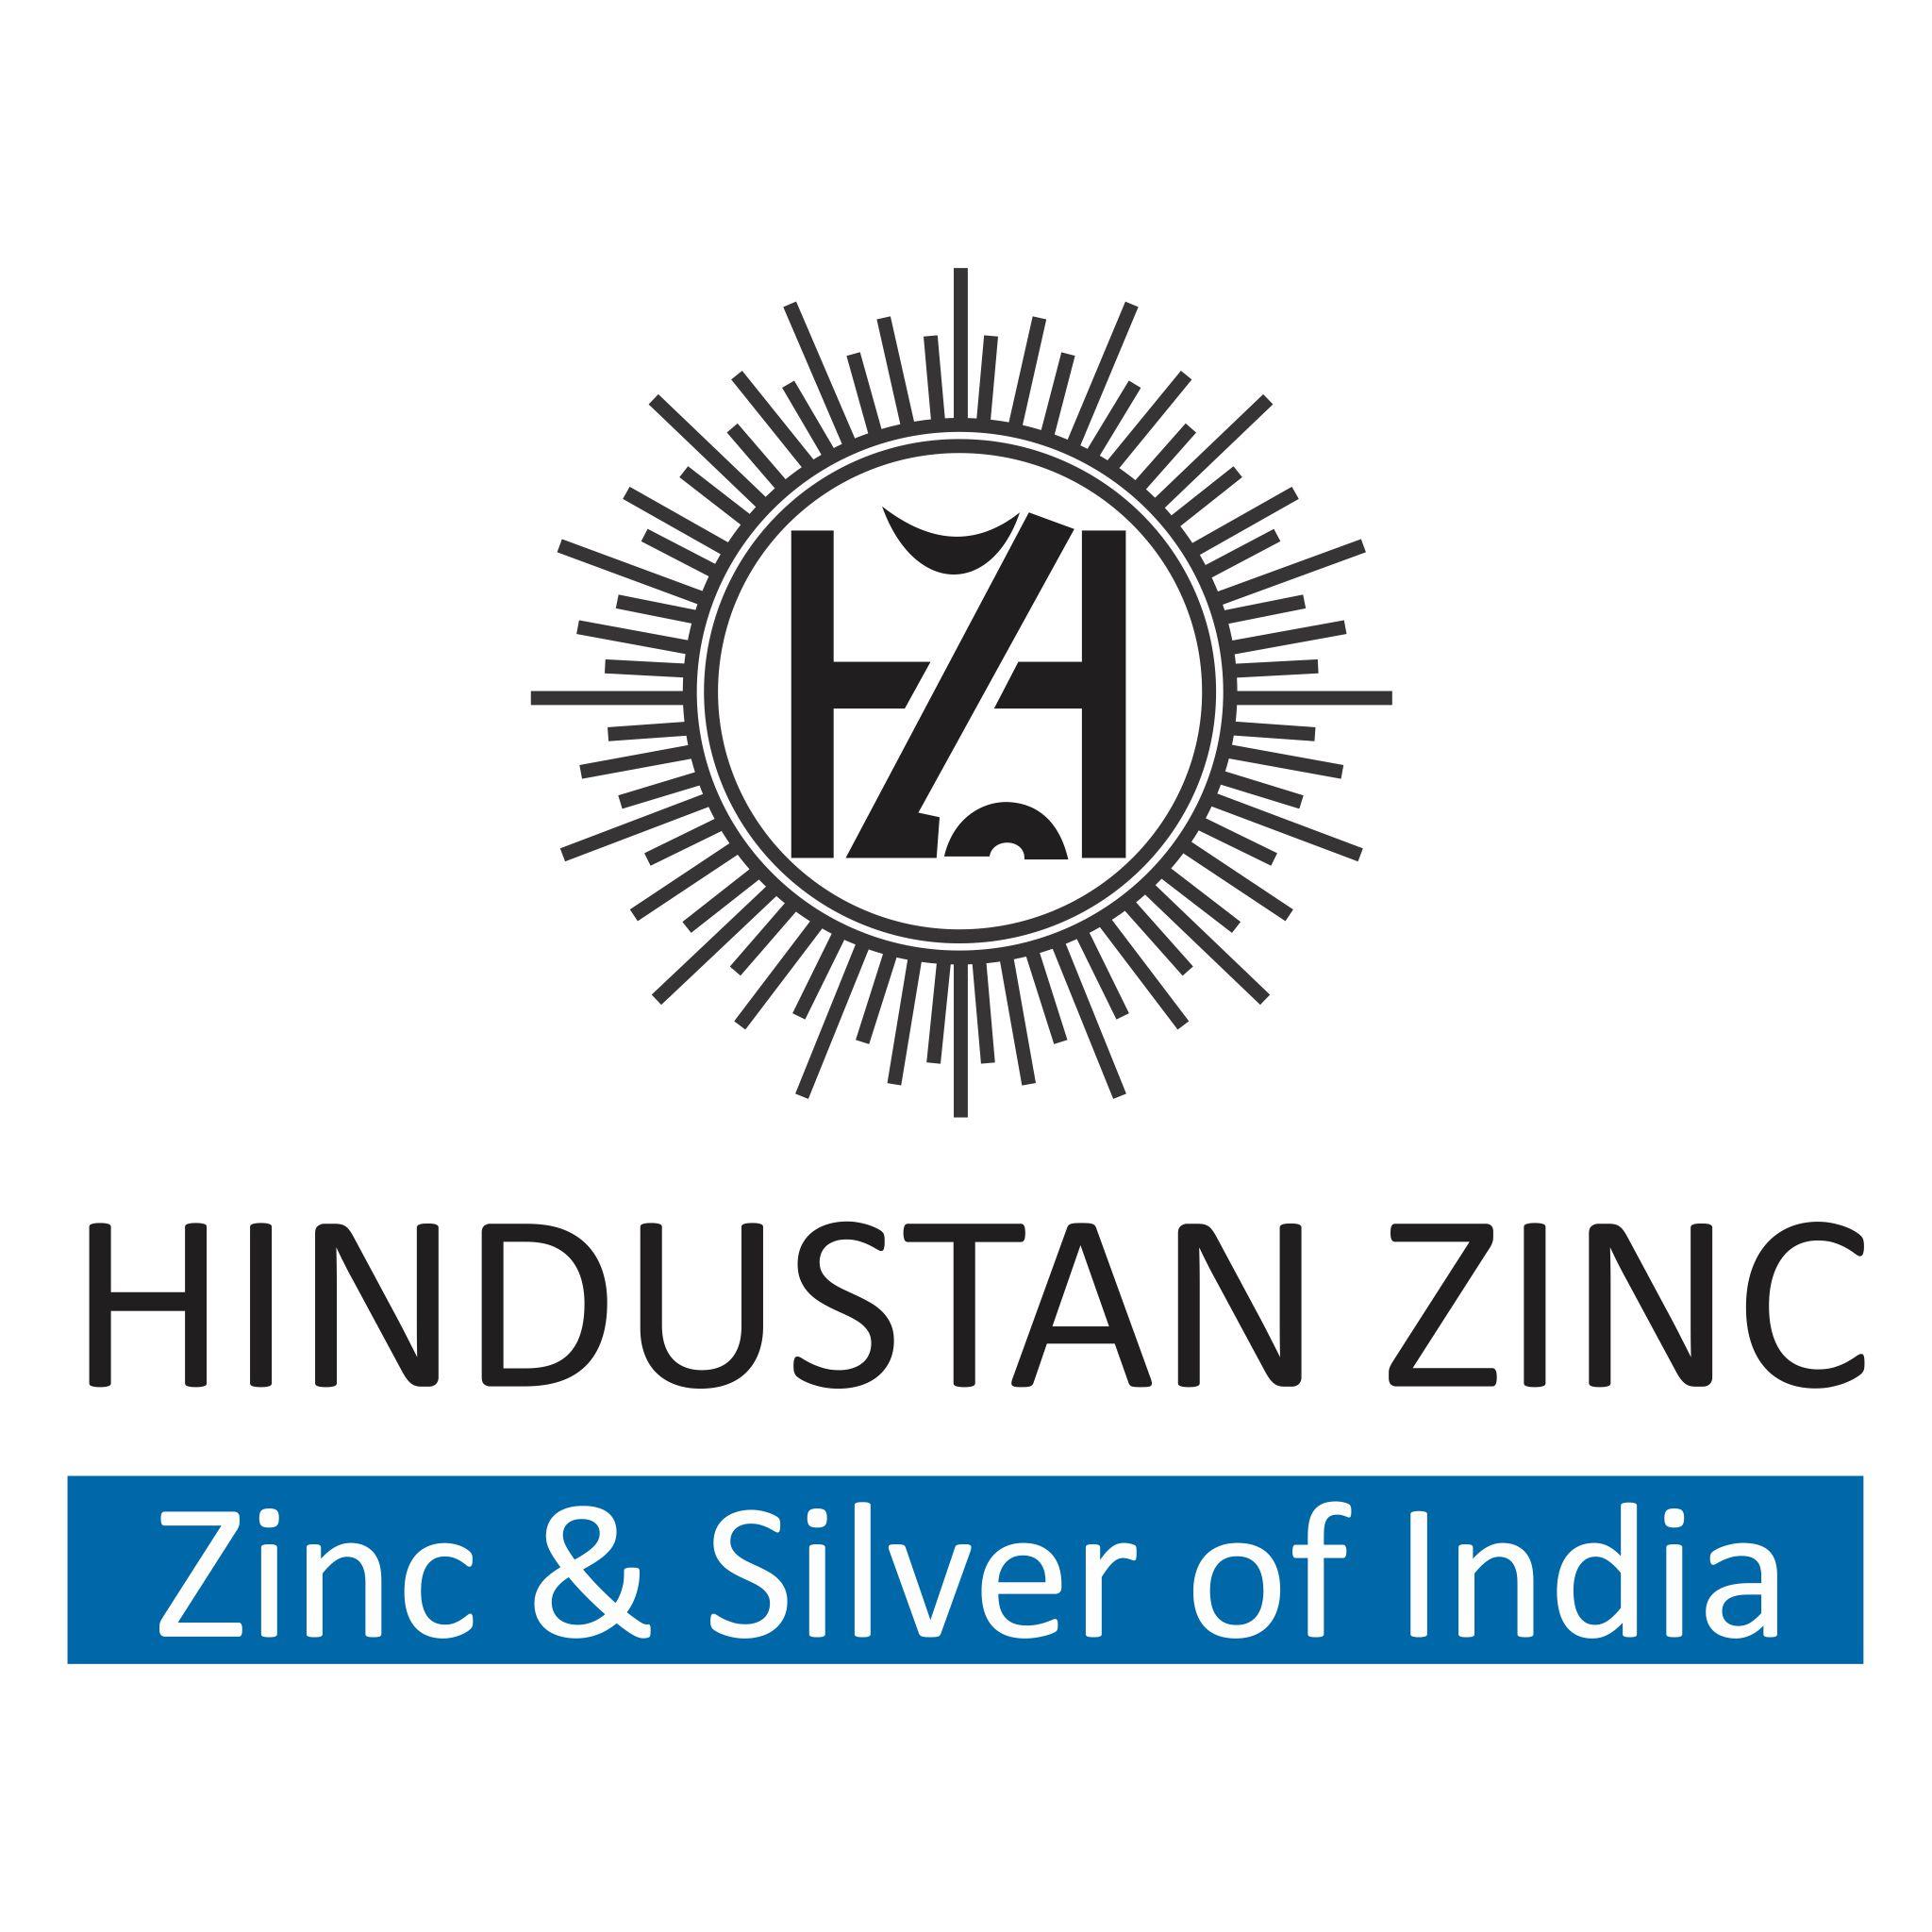 हिन्दुस्तान जिंक की इकाई पंतनगर मेटल प्लांट क्वालिटी कॉन्सेप्ट अवार्ड २०२० से सम्मानित